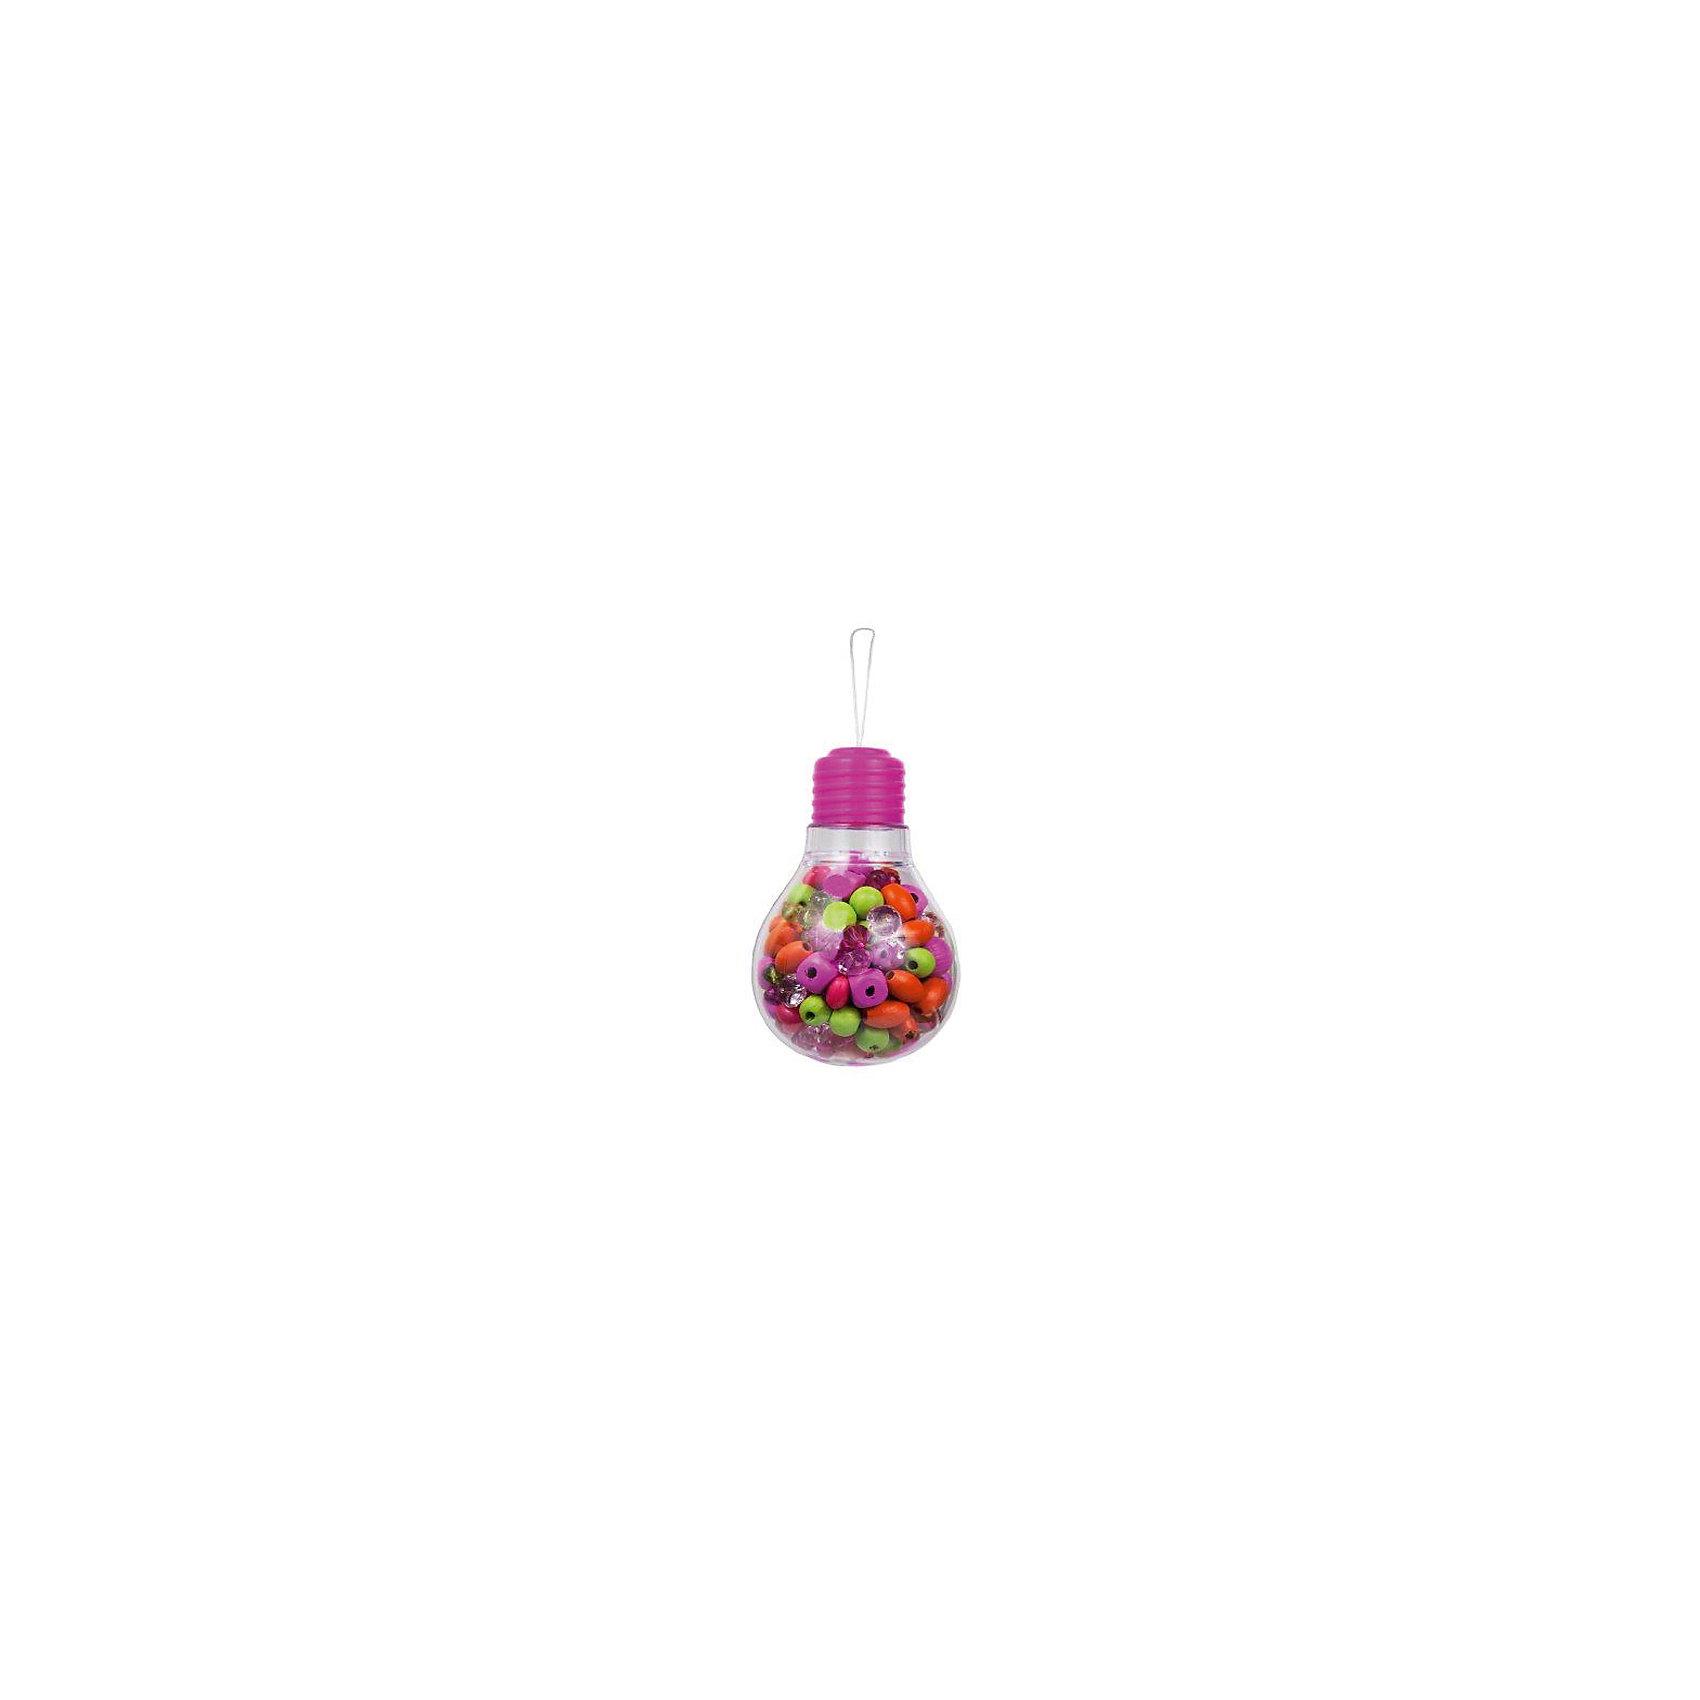 Набор бусин  Розовая лампочкаВ Наборе бусин  Розовая лампочка есть все самое необходимое для создания разнообразных бус, колье или браслетов: разноцветные бусинки и хлопковые веревочки. Разные фактуры и формы бусин научат комбинировать и подходить к процессу творчески, проявлять дизайнерские навыки. Все элементы для будущих колье и браслетов подобраны так, что подойдут к любому наряду. Маленькой моднице остается только менять праздничные платья!<br><br>Комплектация: деревянные и пластиковые бусины, хлопковые веревочки, инструкция по сборке<br><br>Дополнительная информация:<br>-Оригинальная упаковка в виде лампочки<br>-Развивает: воображение, творческие способности, усидчивость, мелкую моторику, координацию движений, комбинаторные способности, аккуратность<br>-Вес в упаковке: 260 г<br>-Размеры в упаковке: 8х8х12 см<br>-Материалы: дерево, текстиль, пластик<br><br>Замечательный Набор бусин Розовая лампочка обязательно понравится Вашей девочке, ведь она самостоятельно сможет создавать эксклюзивные украшения, чтобы сделать свой образ еще более красивым и модным! <br><br>Набор бусин  Розовая лампочка можно купить в нашем магазине.<br><br>Ширина мм: 80<br>Глубина мм: 80<br>Высота мм: 120<br>Вес г: 260<br>Возраст от месяцев: 48<br>Возраст до месяцев: 108<br>Пол: Женский<br>Возраст: Детский<br>SKU: 4278031